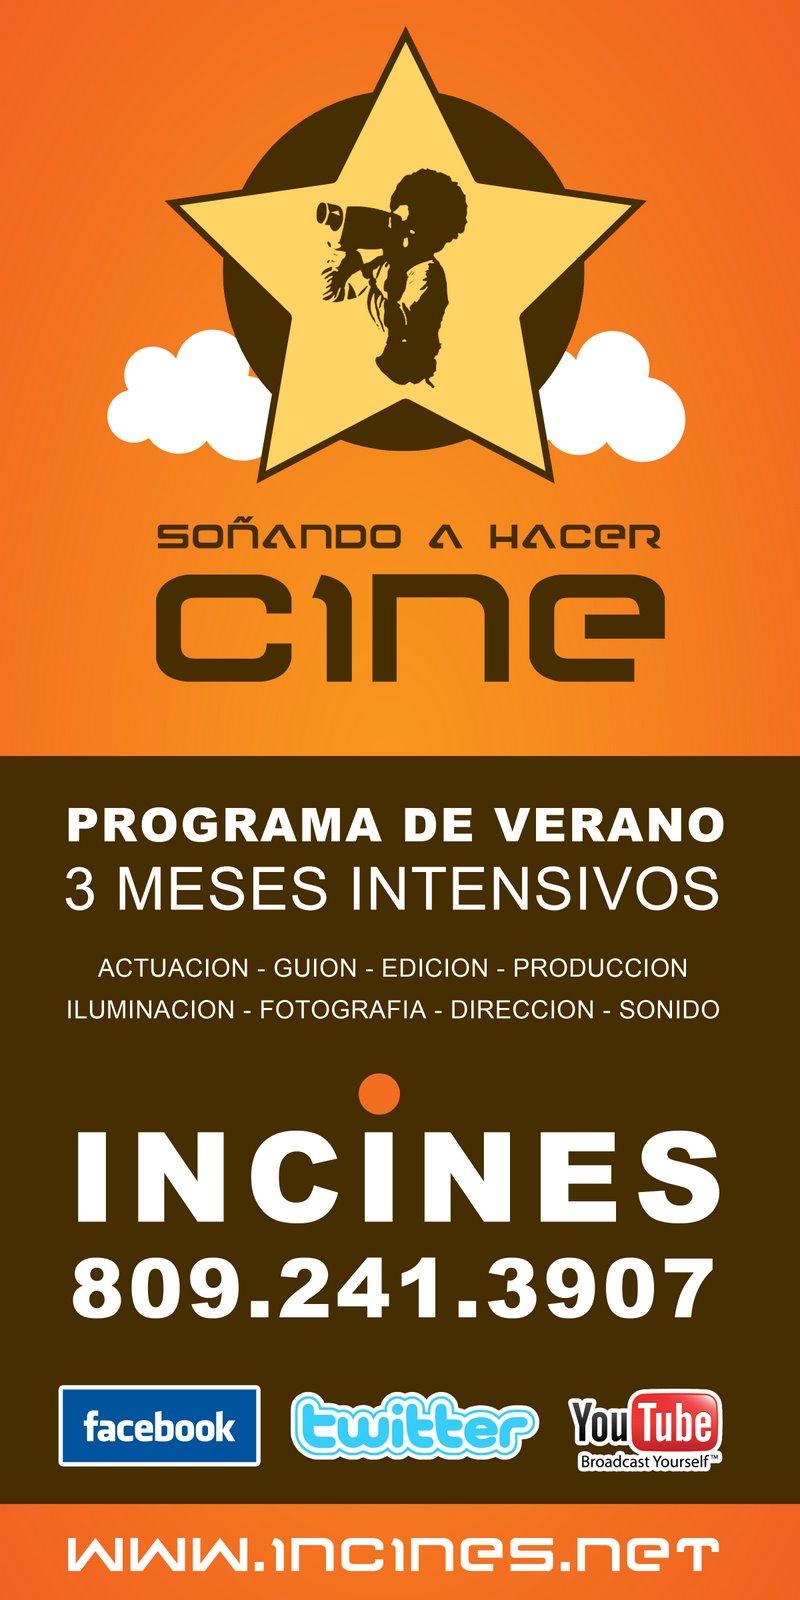 Incines - Iluminacion cinematografica ...